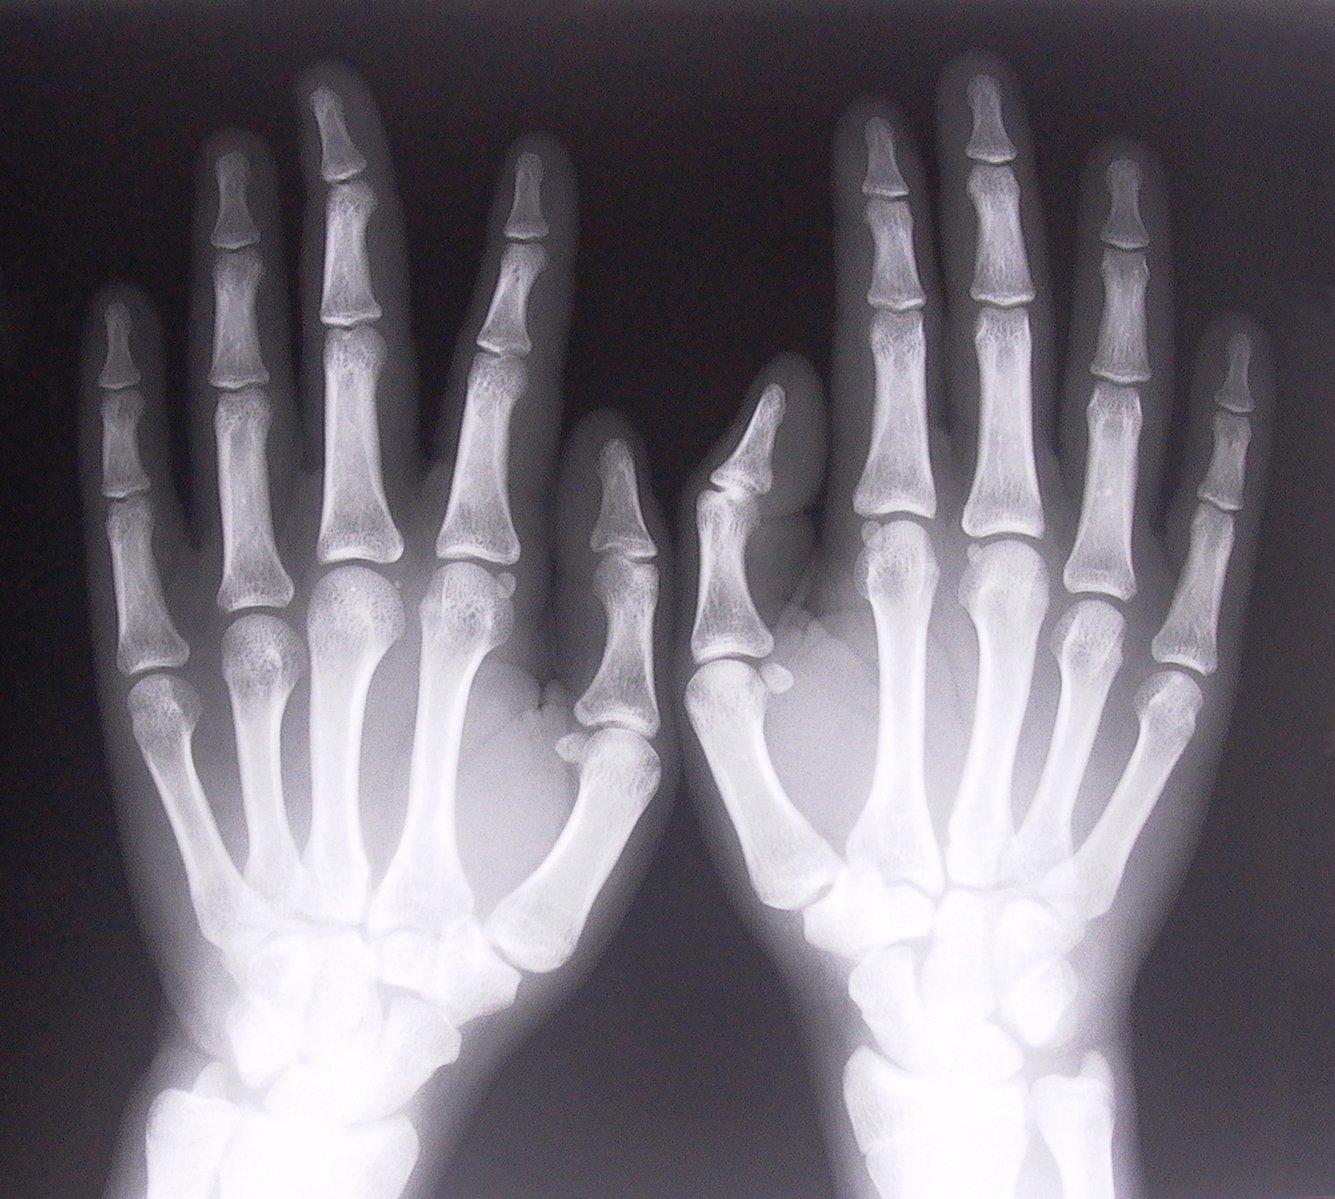 prześwietlenie dłoni człowieka, na którym widać kości palców oraz rąk